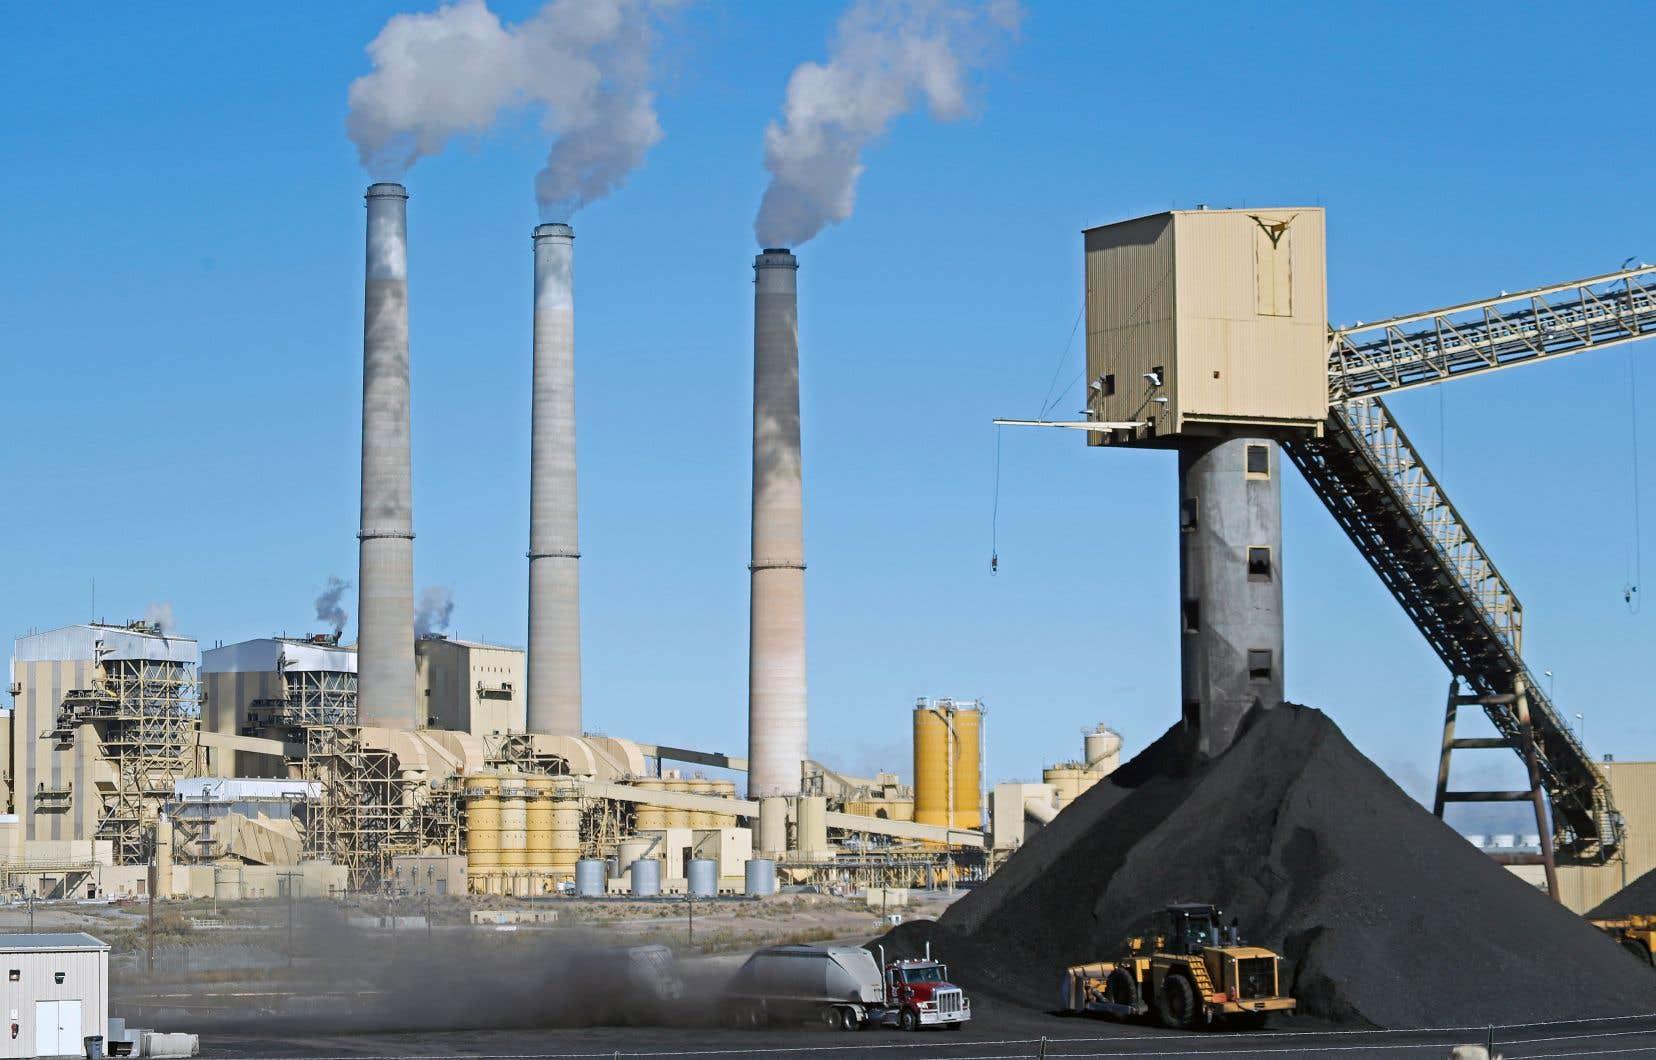 La décision vise à concrétiser l'engagement de campagne de Donald Trump d'annuler des normes environnementales de l'ère Obama.